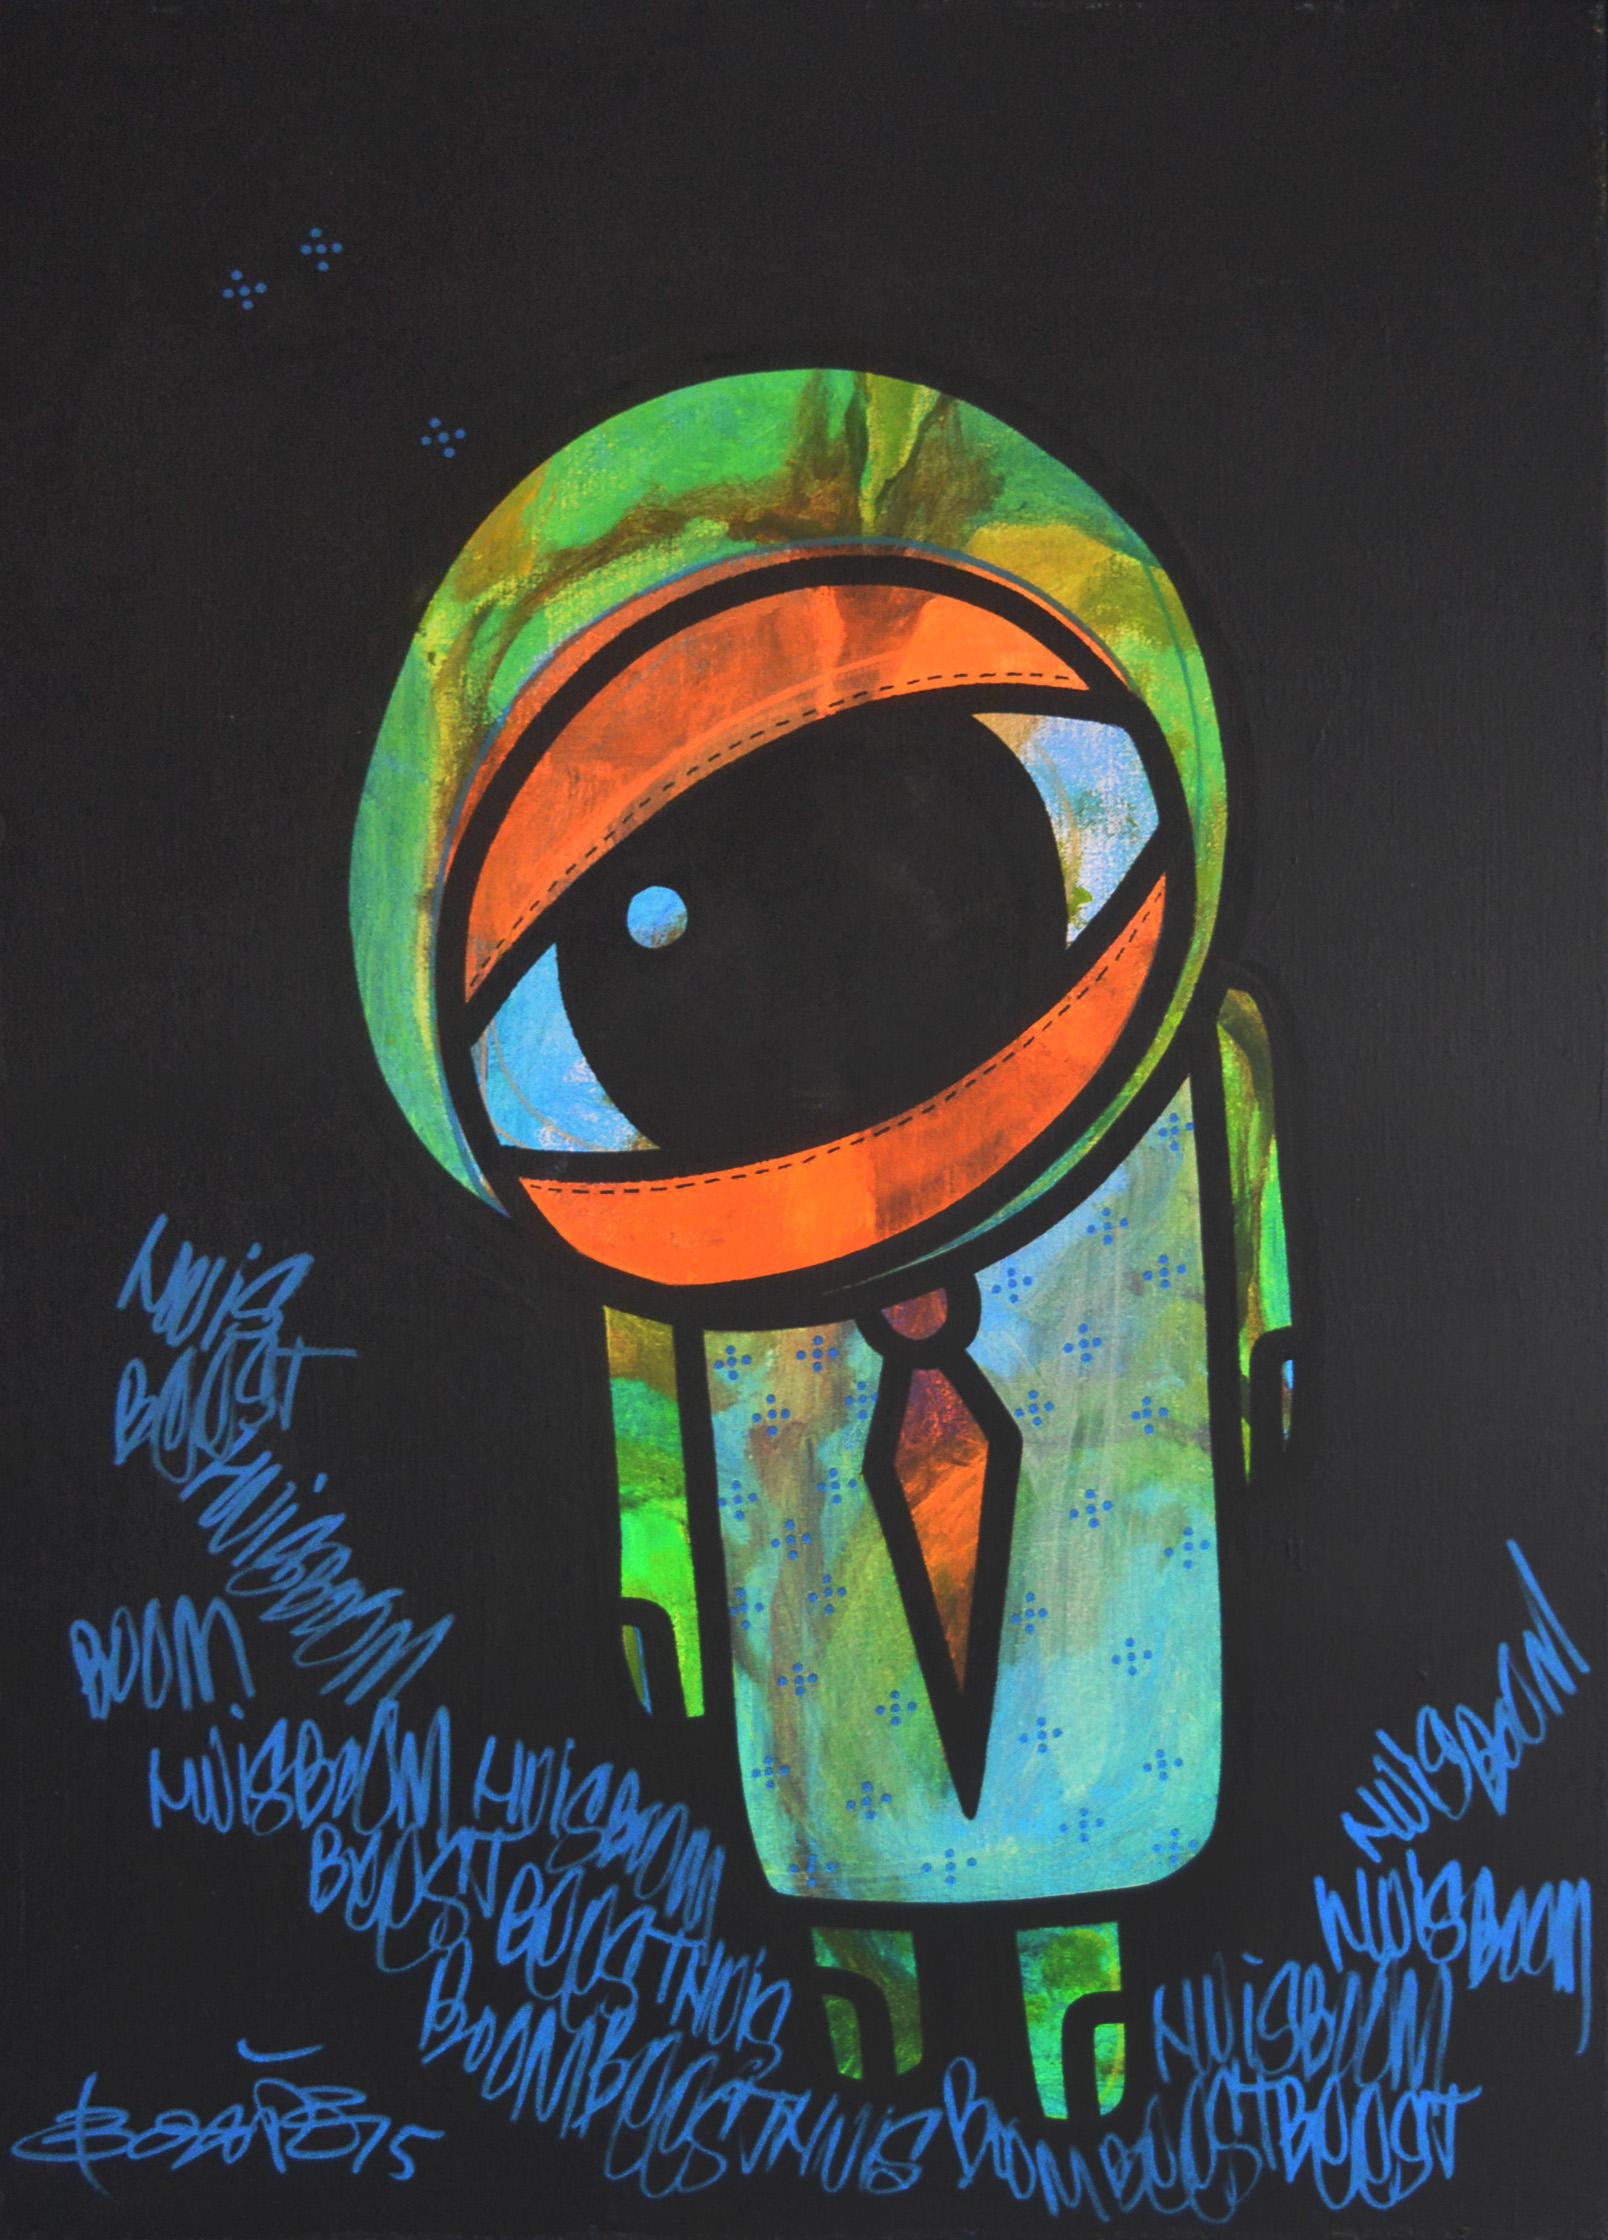 Ook Boxie toont tijdens de expositie 'The Storyteller' zijn werk. (Foto: aangeleverd)